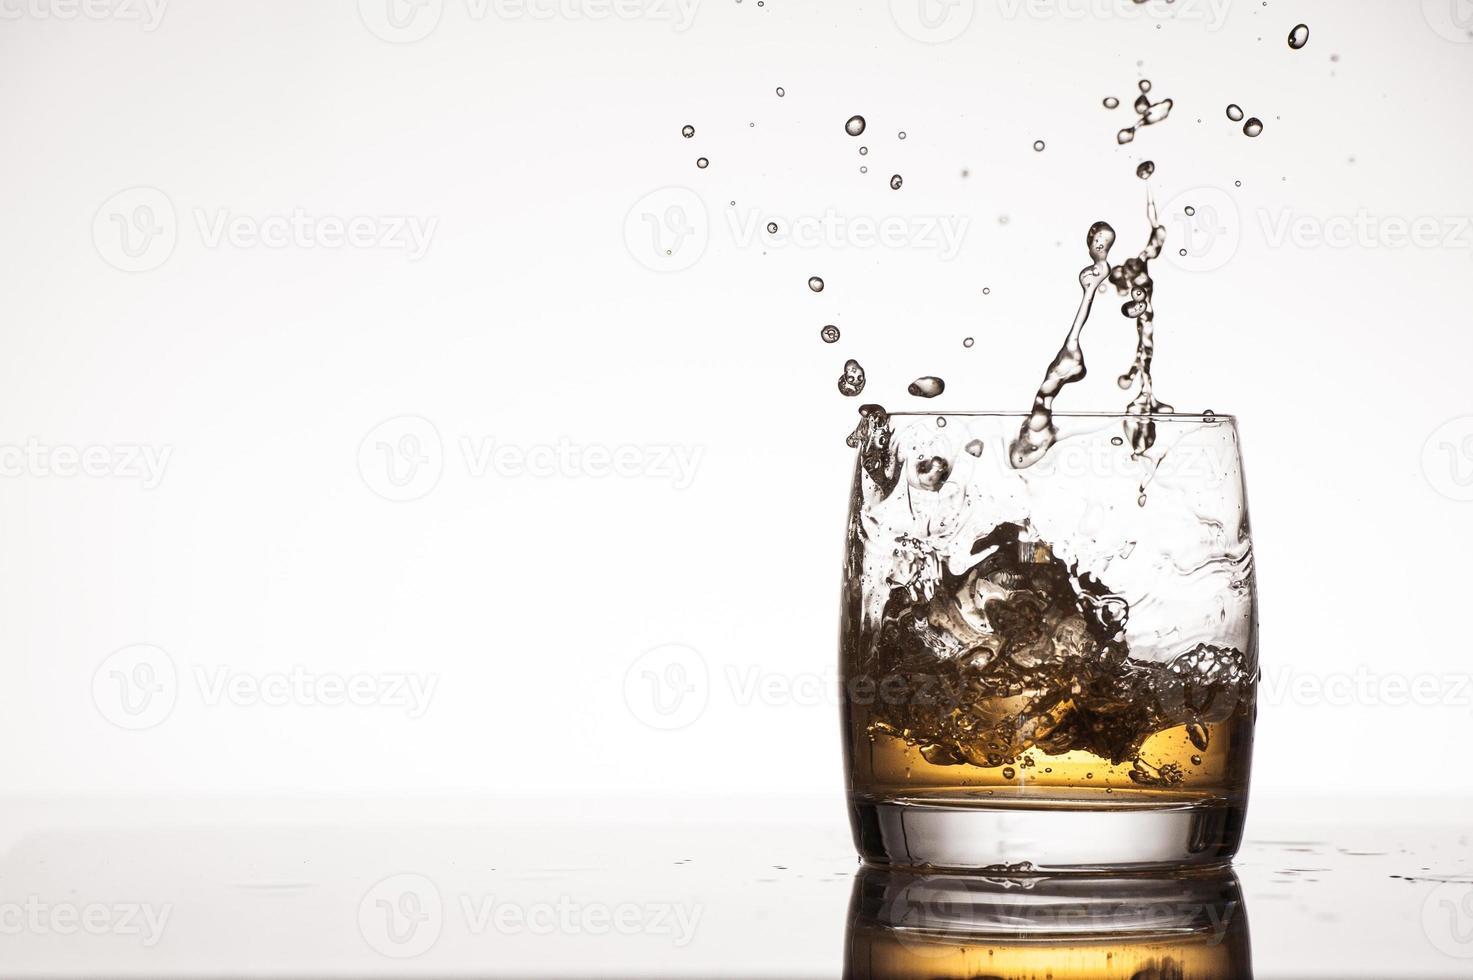 éclaboussures de glace dans le whisky ou le brandy photo